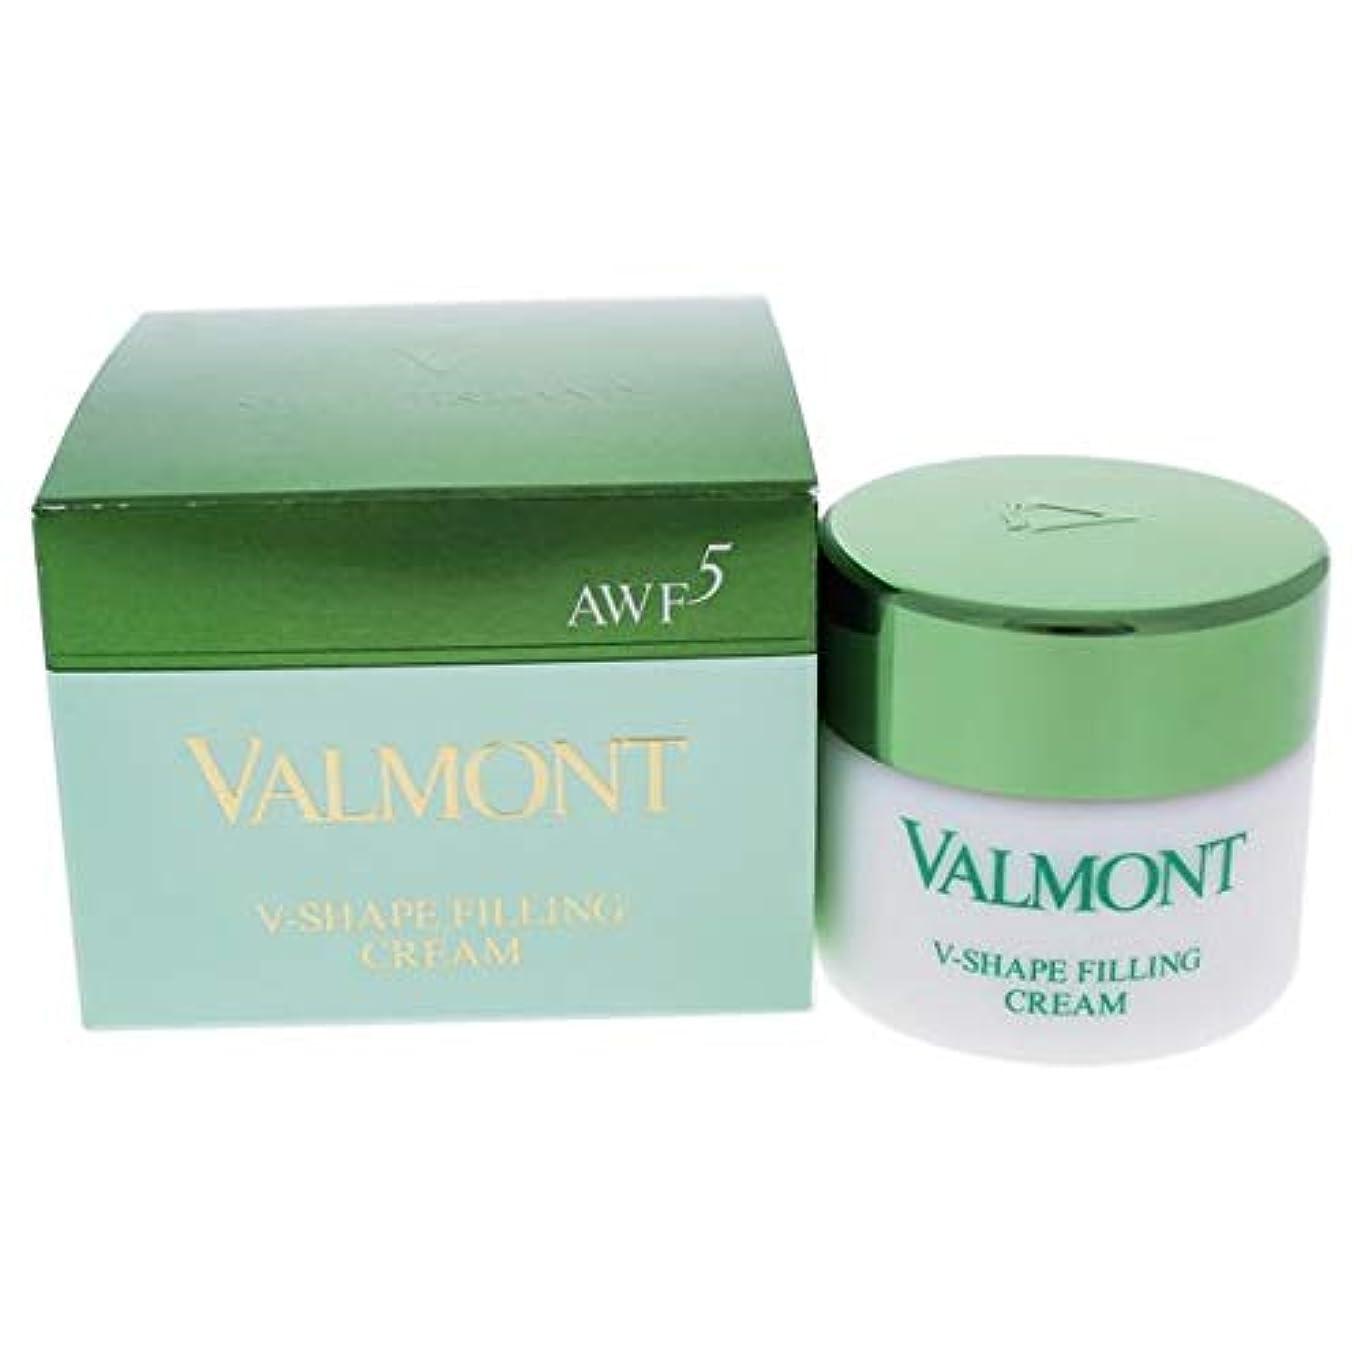 湖側溝コンパスヴァルモン AWF5 V-Shape Filling Cream 50ml/1.7oz並行輸入品